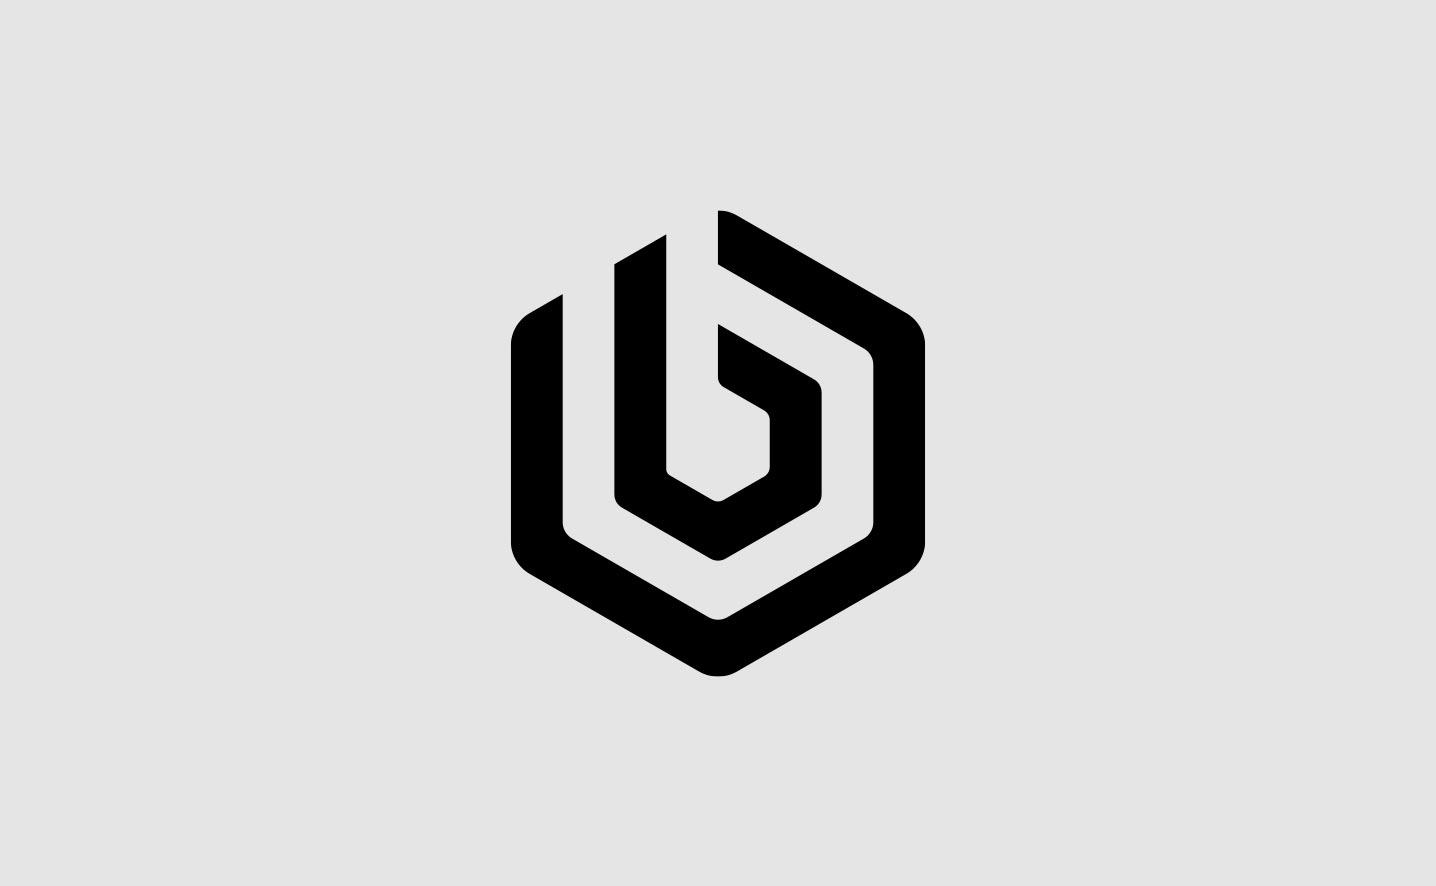 belerion-logo-design-ascend-a